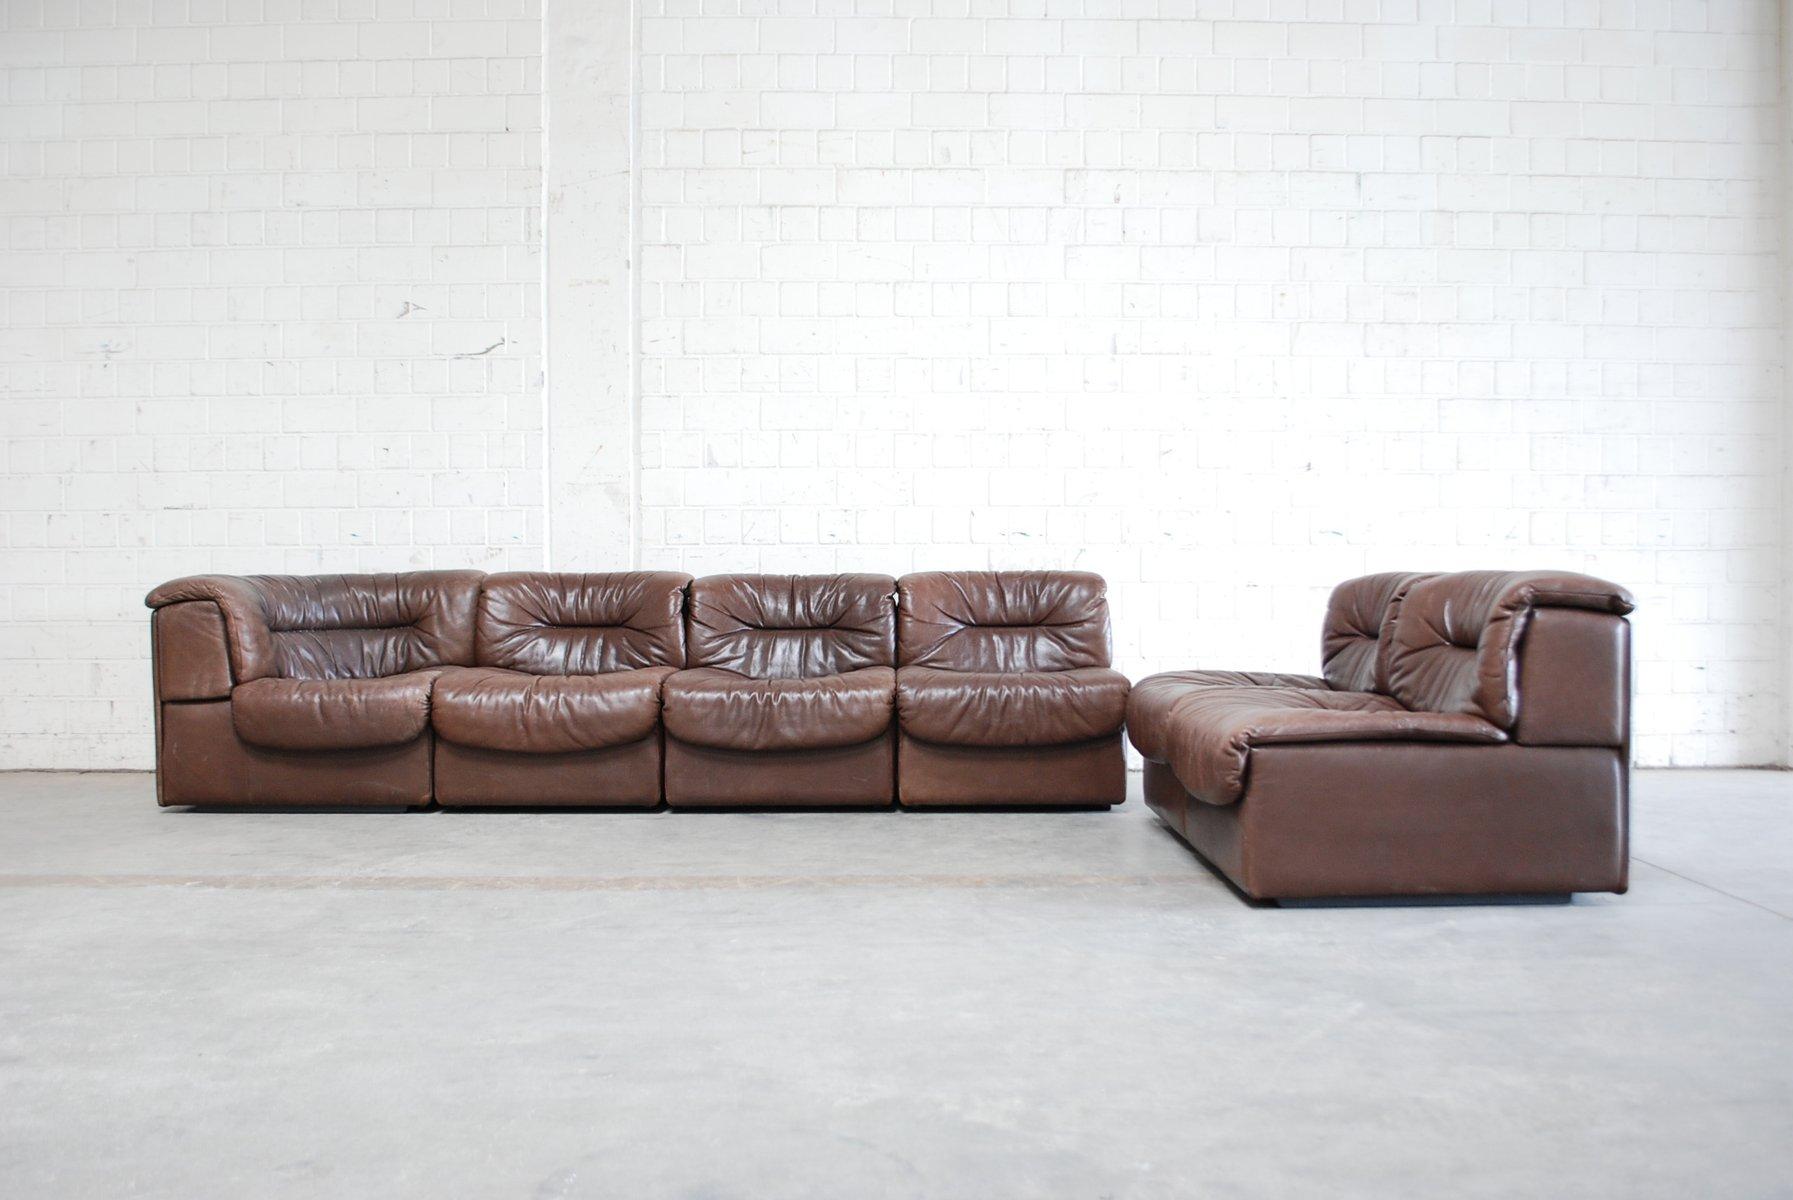 vintage modular sofa set from de sede 1970s for sale at. Black Bedroom Furniture Sets. Home Design Ideas